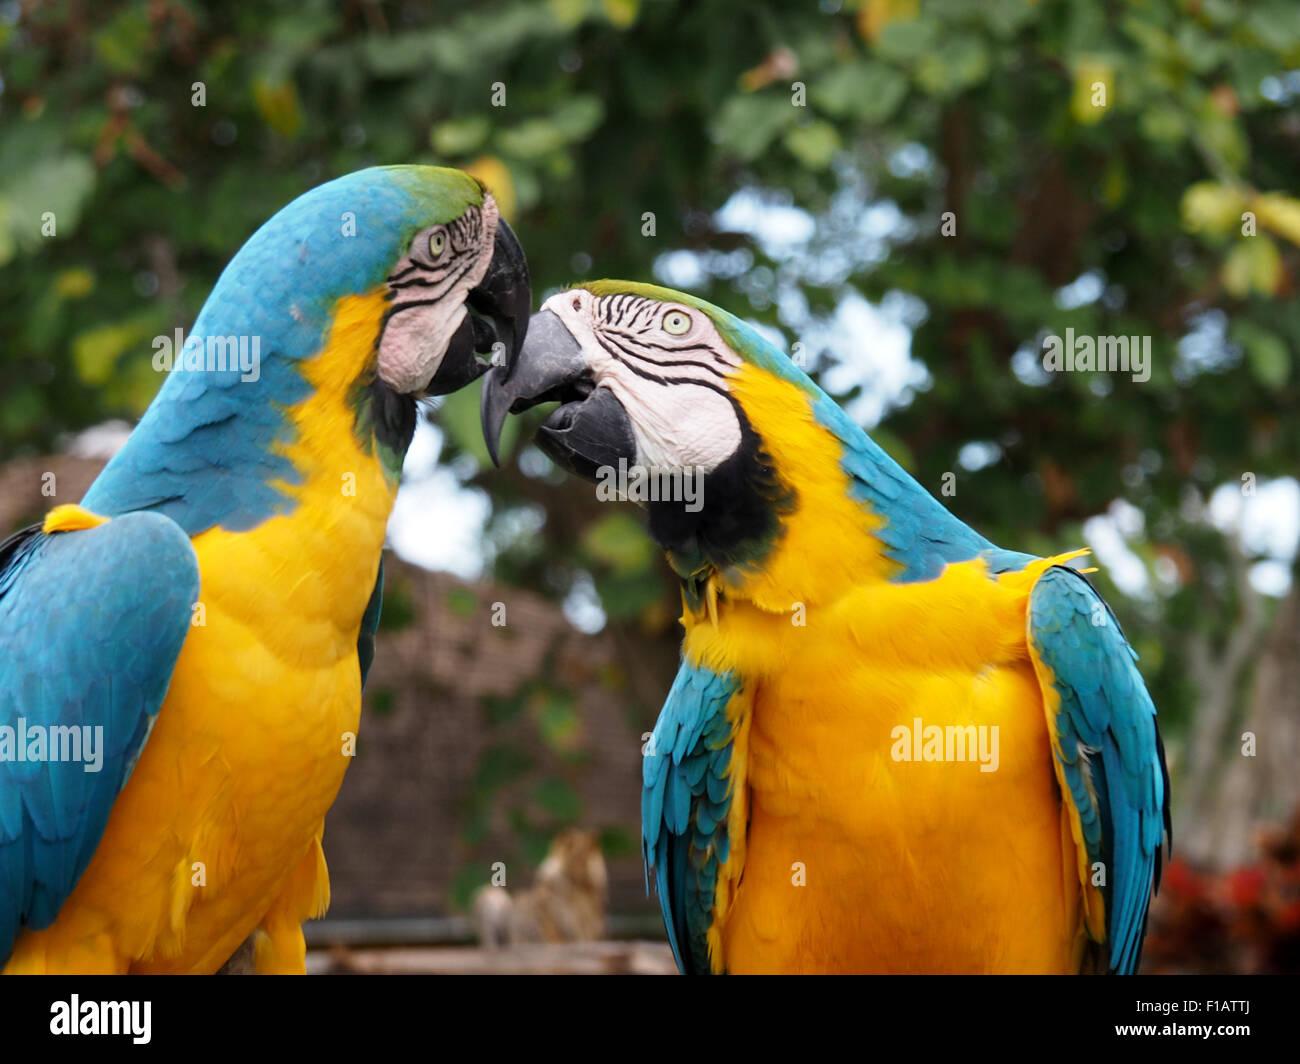 Paire d'Aras bleu et jaune montrer de l'affection Banque D'Images